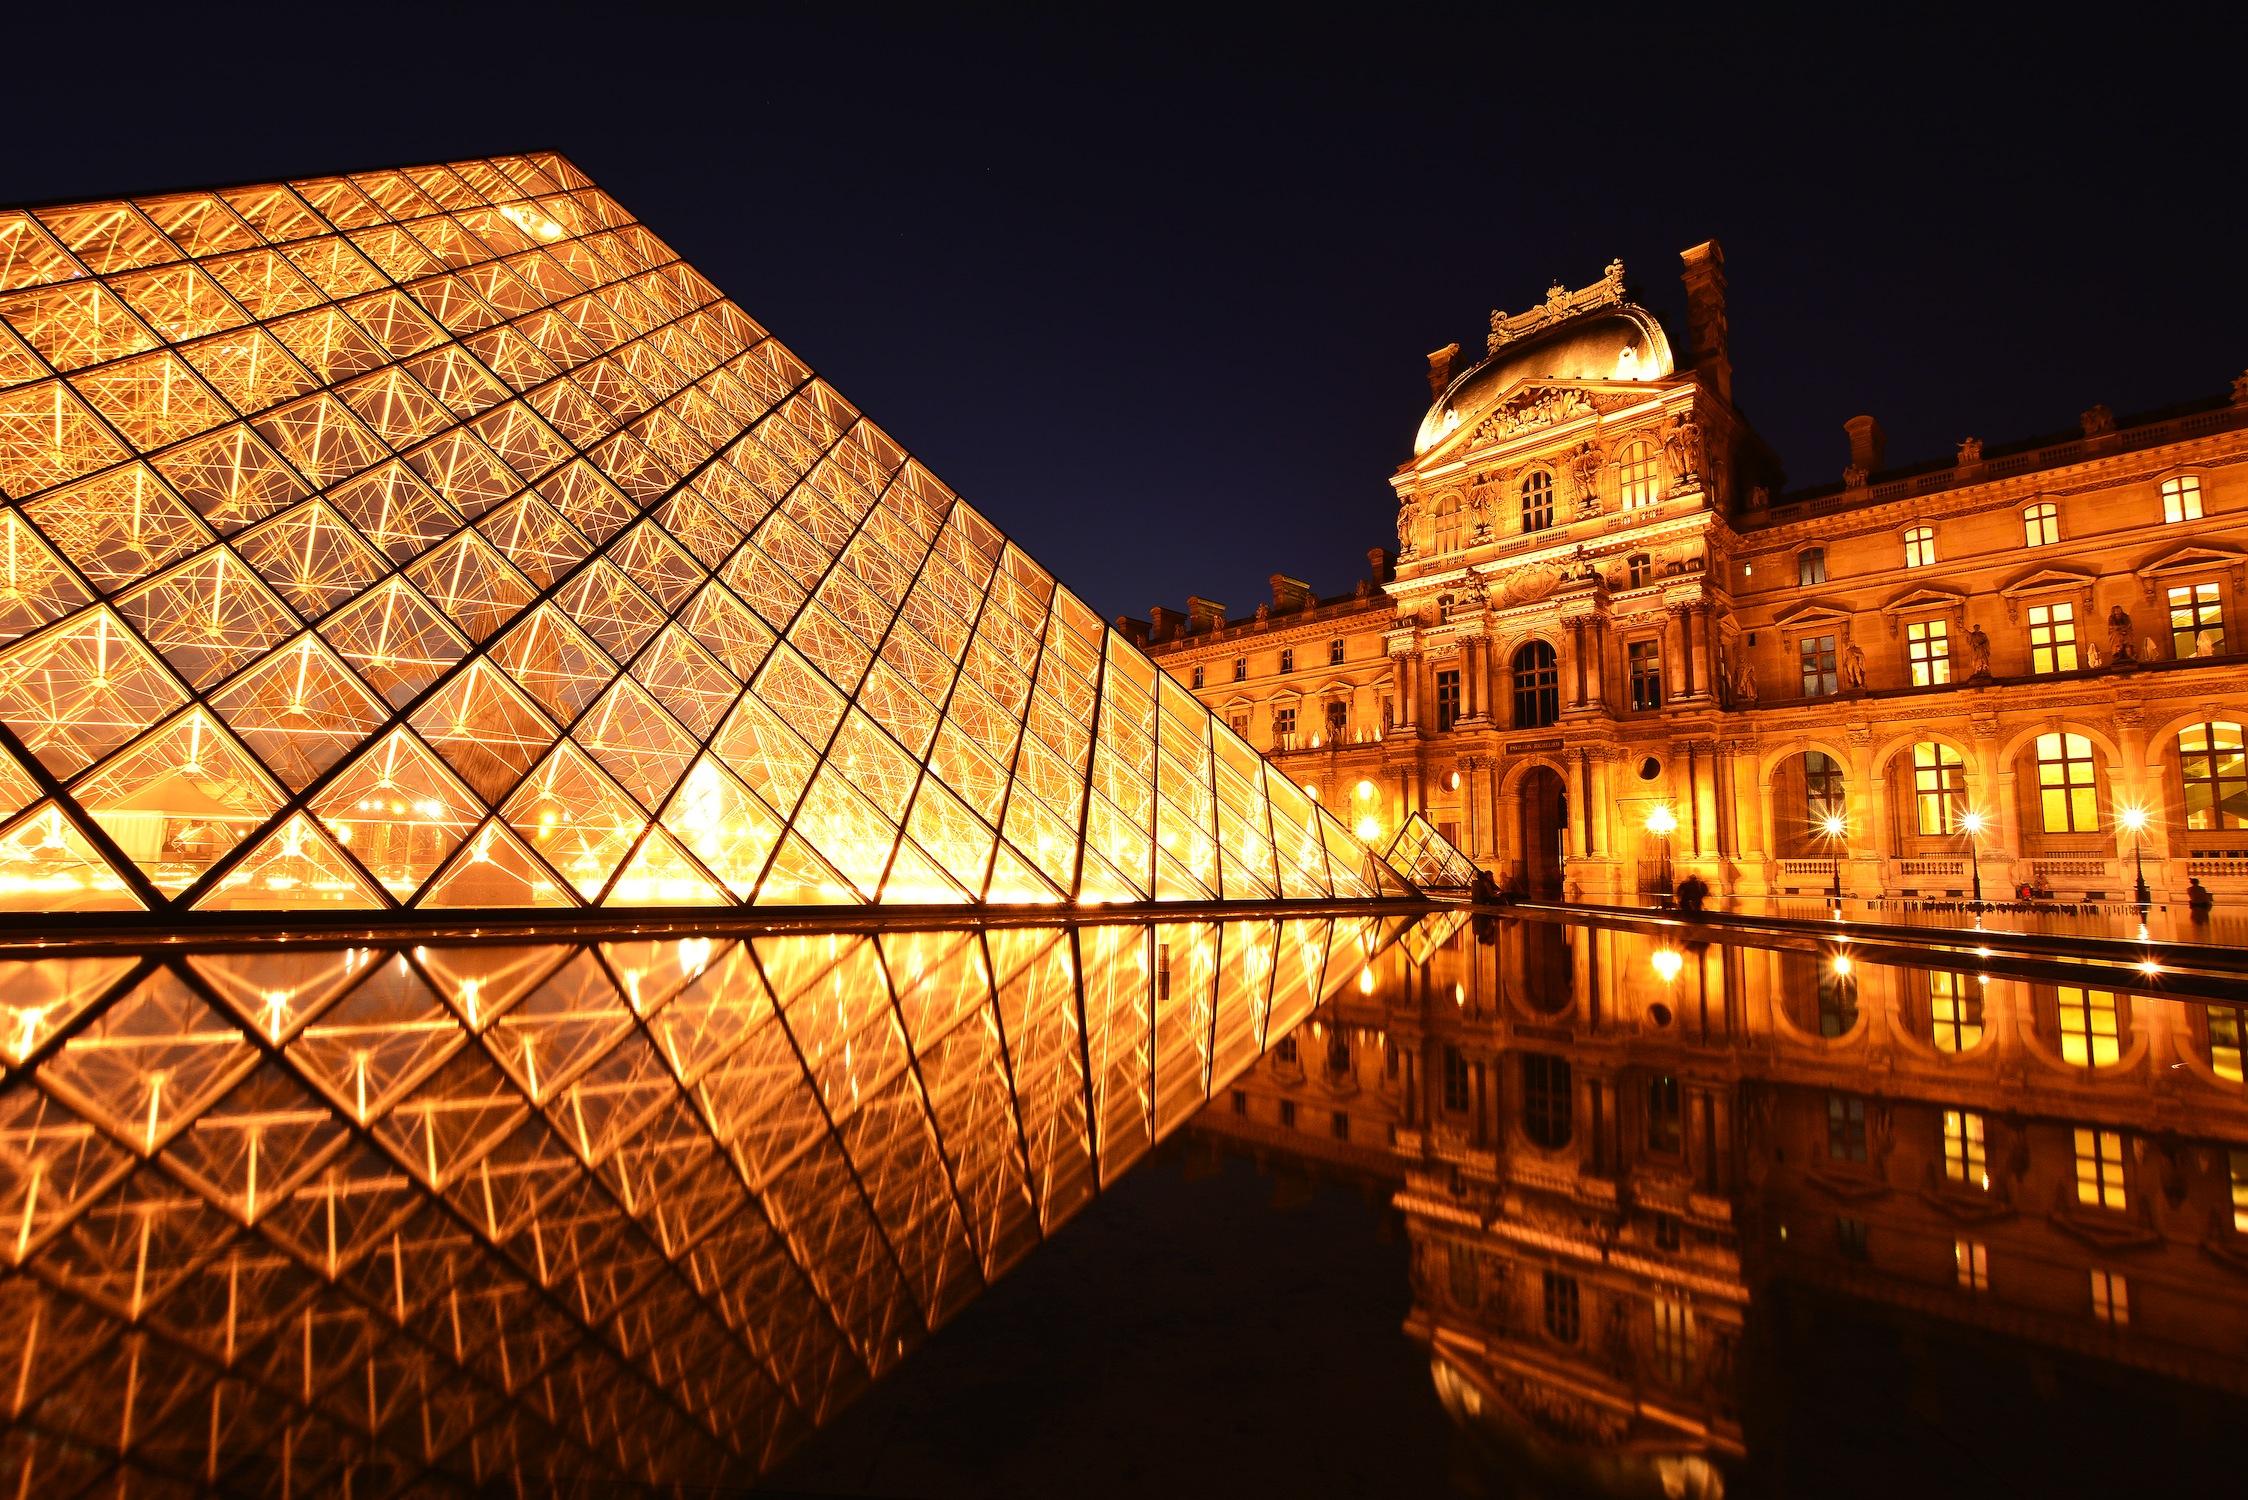 La pyramide du Louvre papiers peints photo 3D